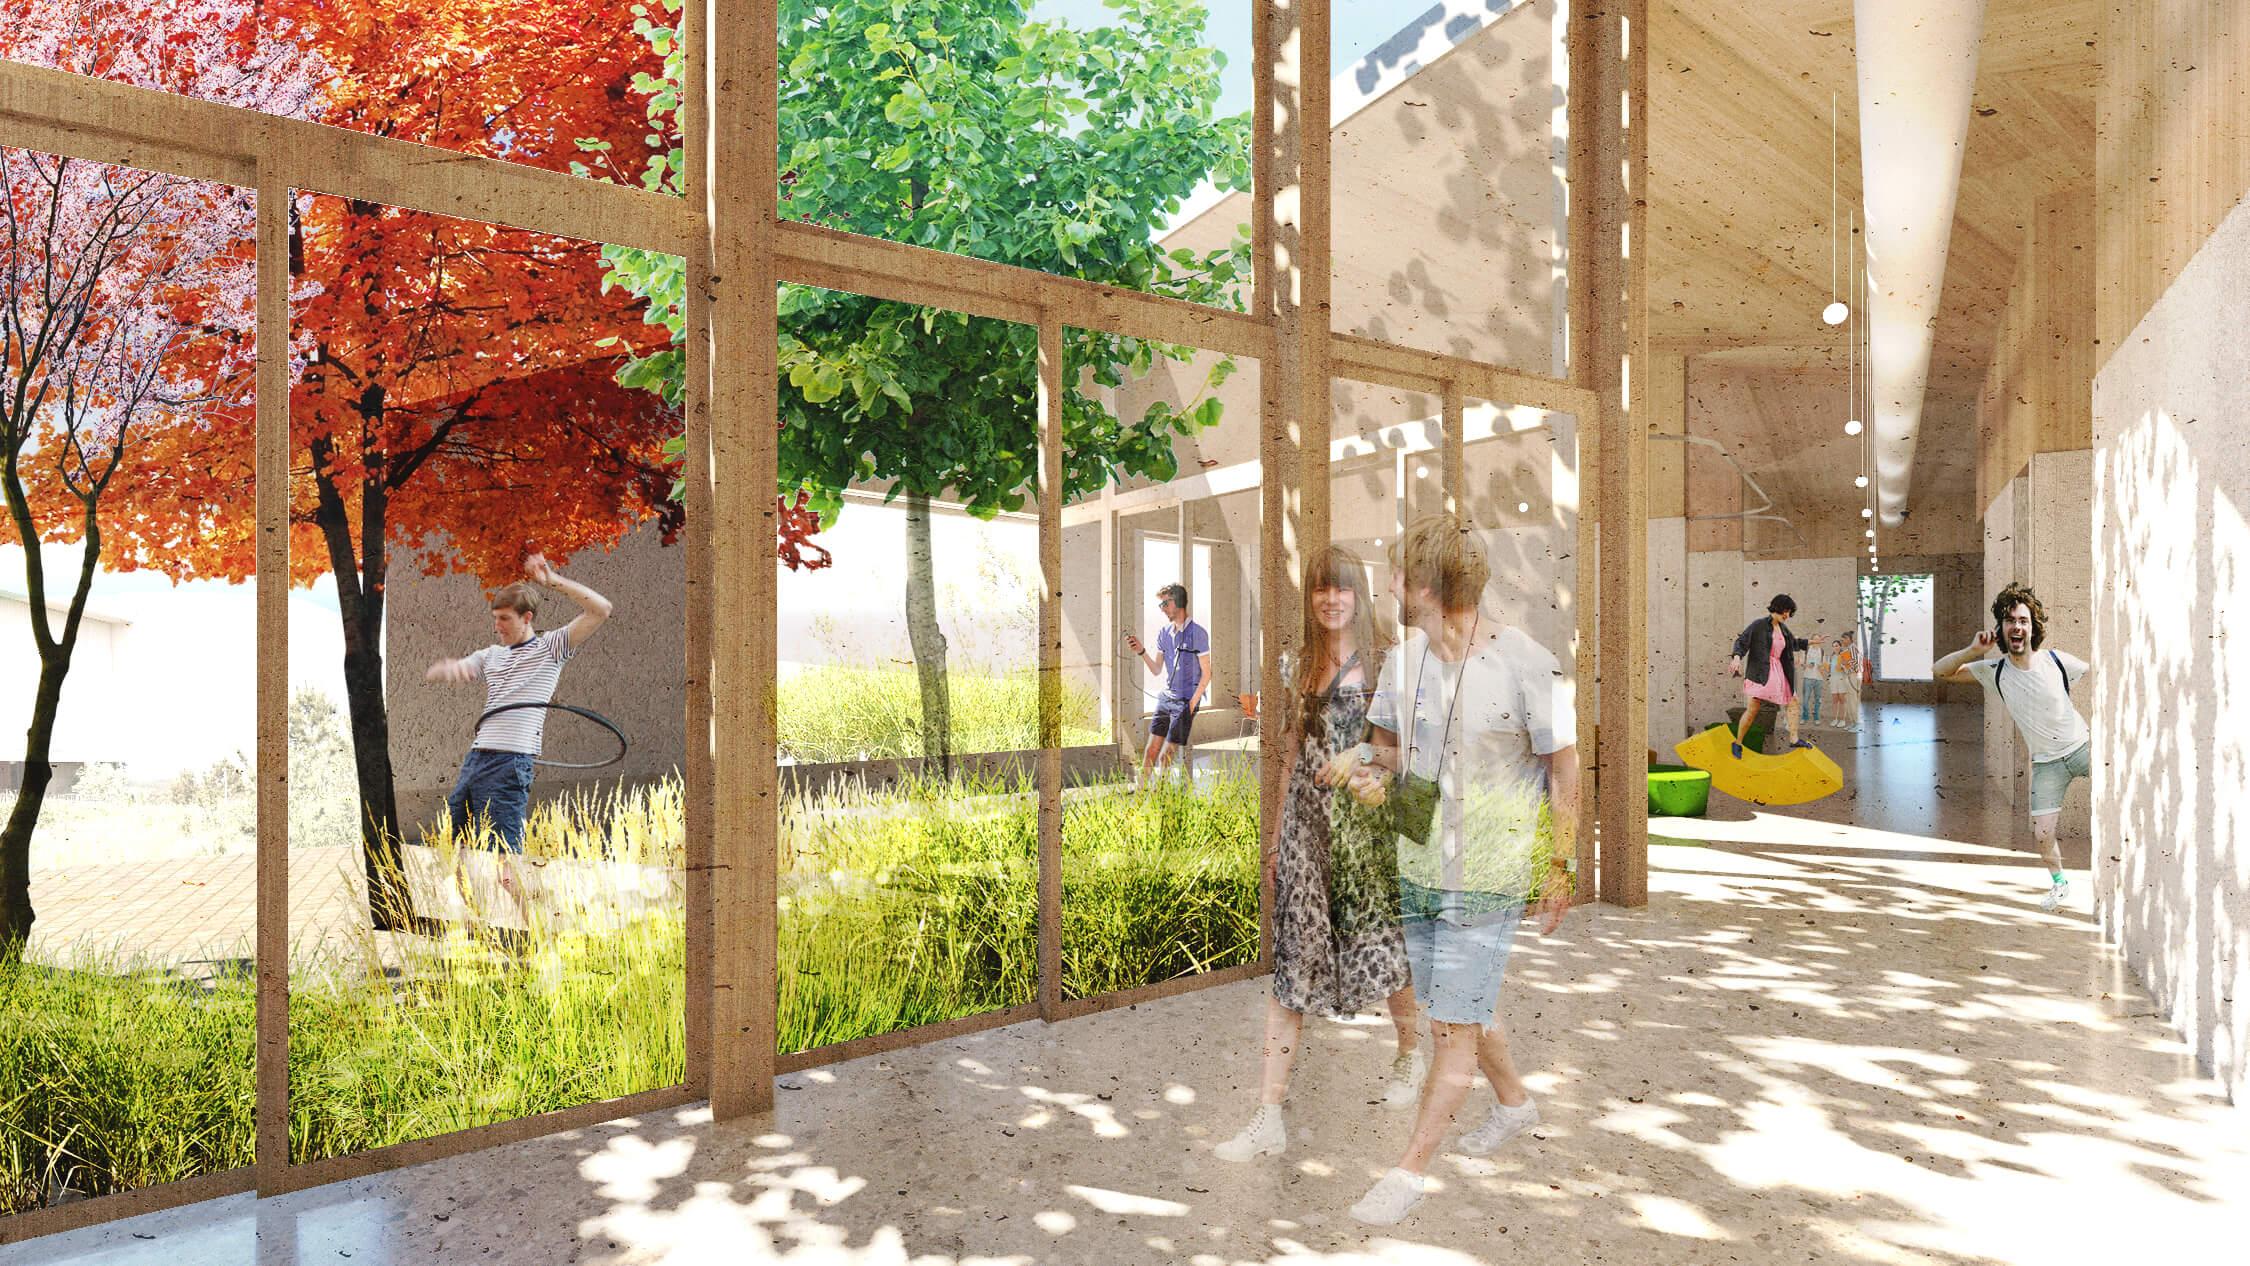 Centro social espacio abierto